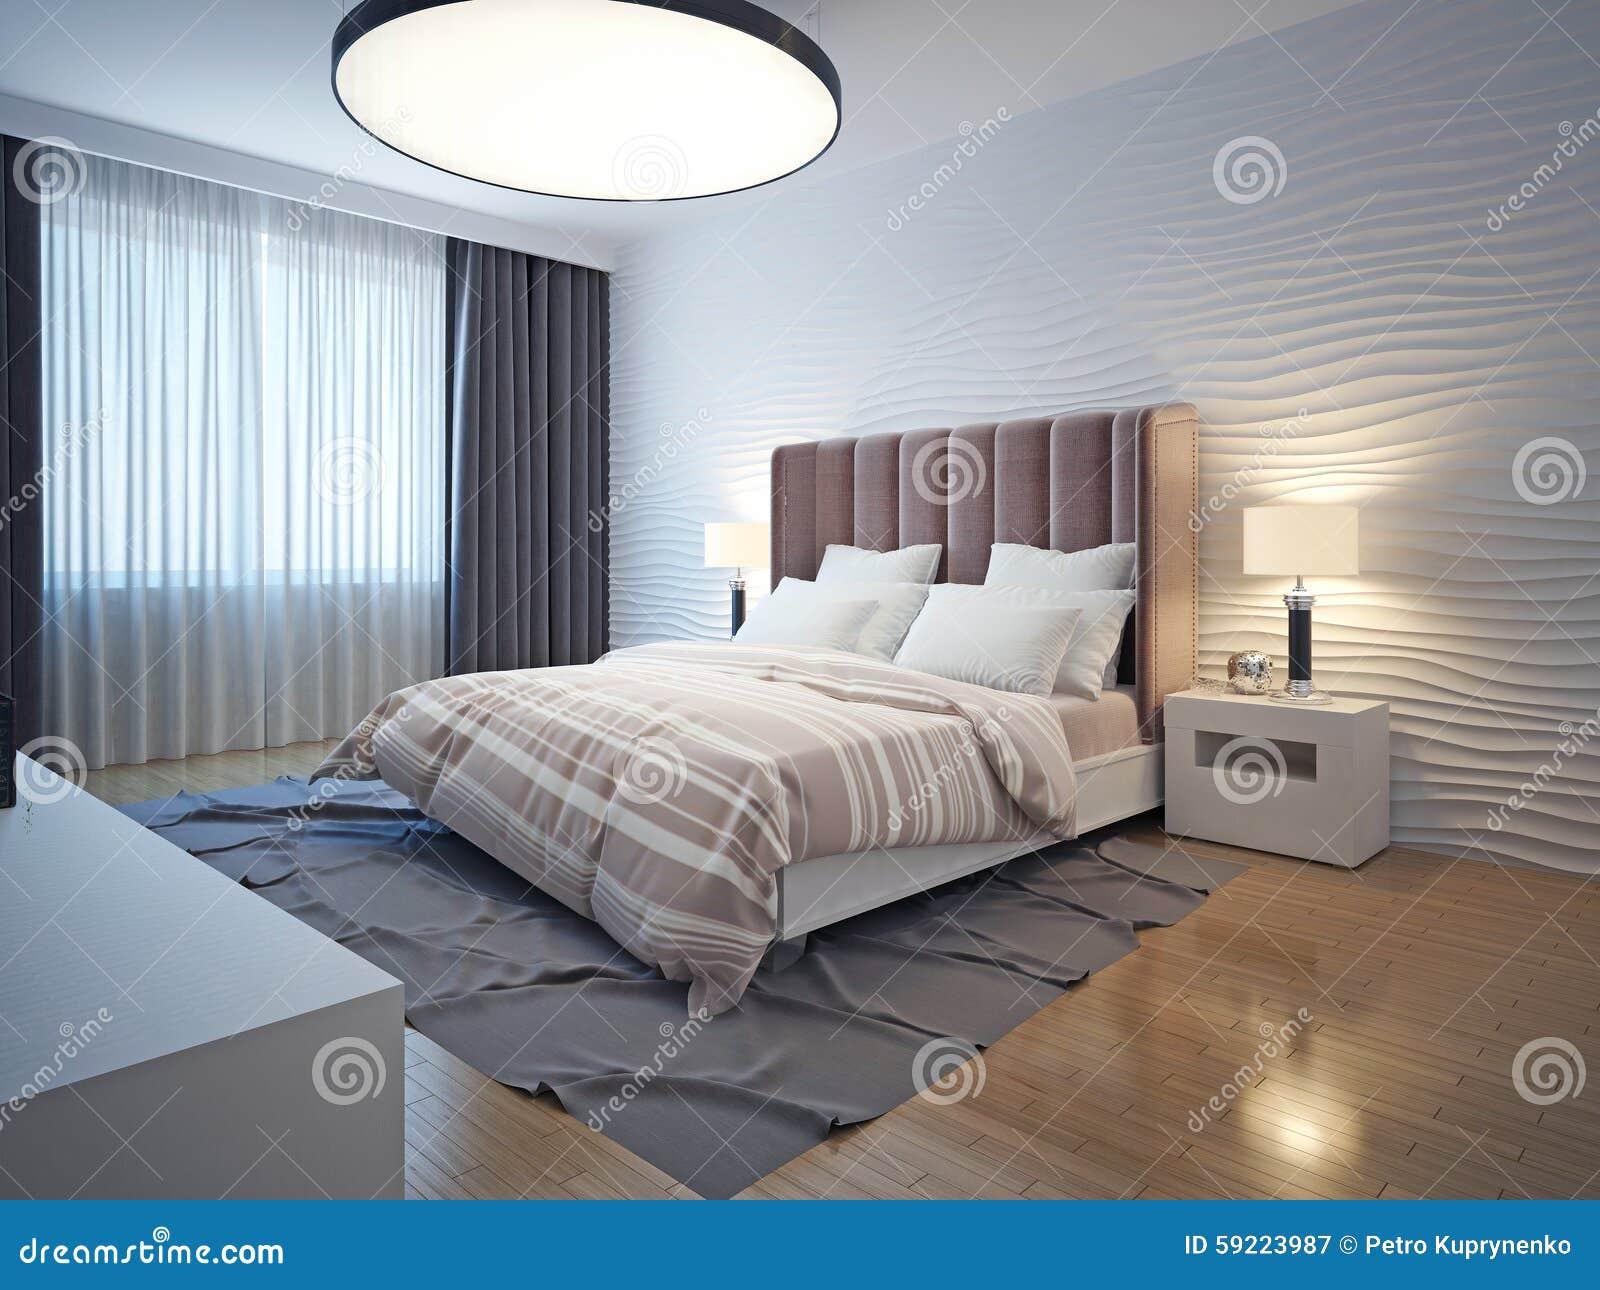 Chambre de nuit dans platre for Chambre de nuit moderne